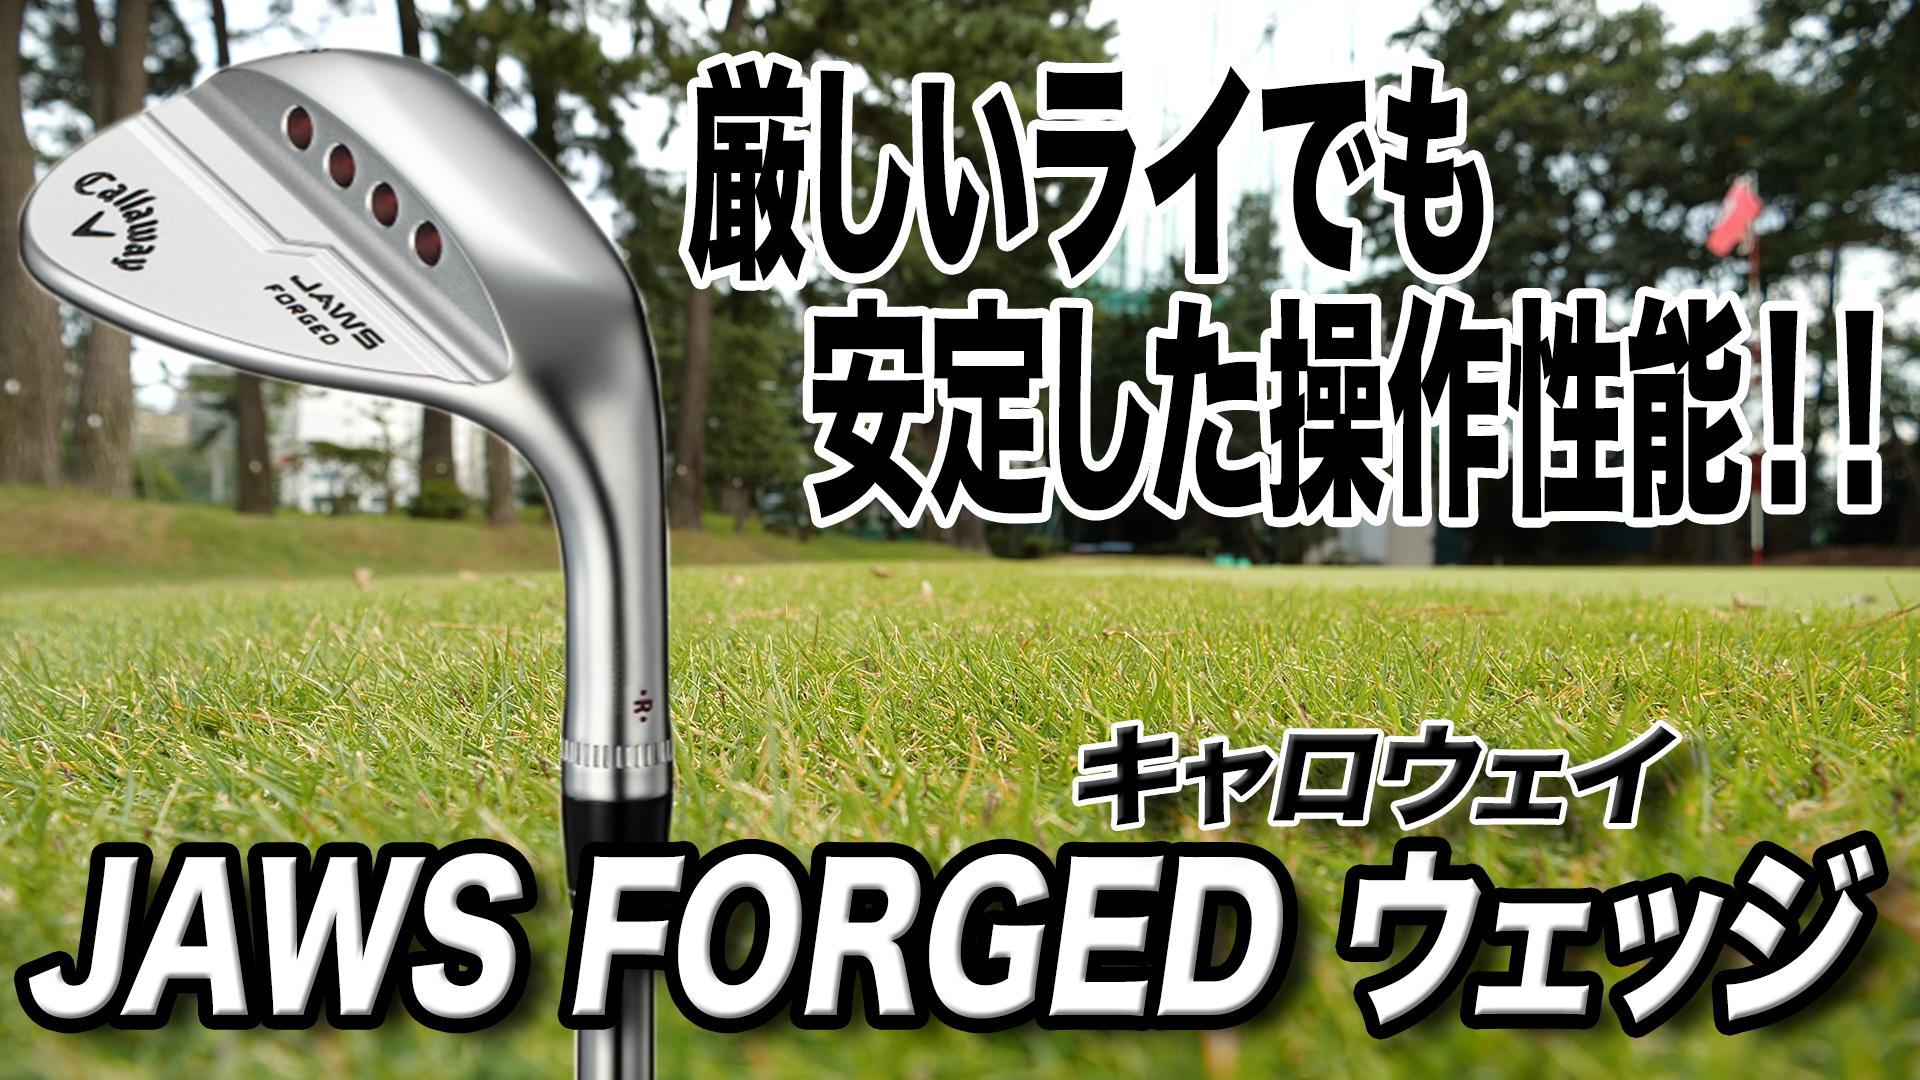 キャロウェイ「JAWS FORGED ウェッジ」【レビュー企画】